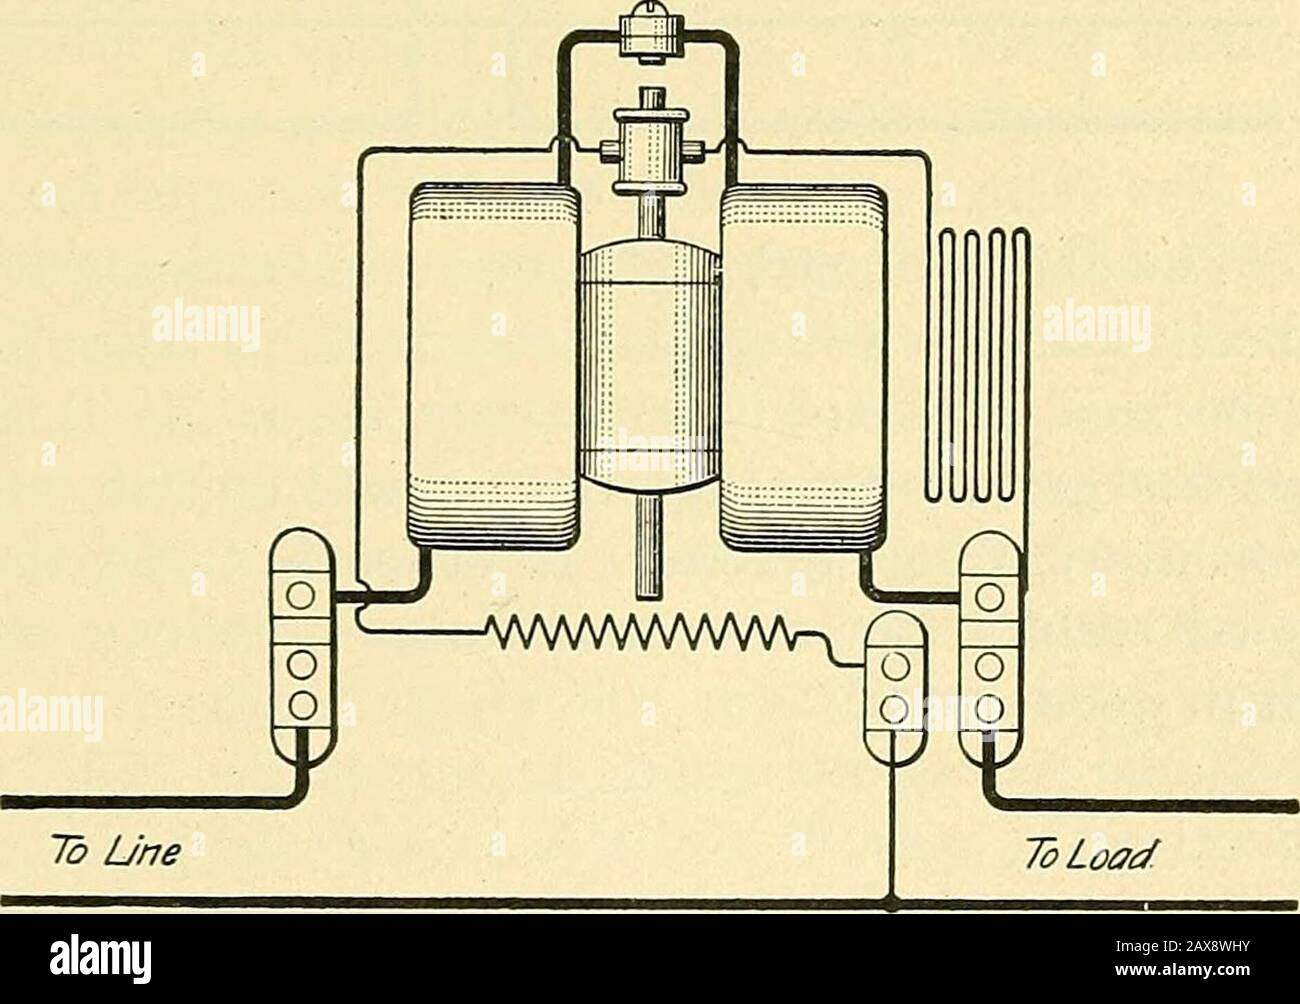 [WQZT_9871]  Wiring Diagram For Electric Meter Lamps - E5 wiring diagram | Wiring Diagram For Electric Meter Lamps |  | KUBB-AUF.DE